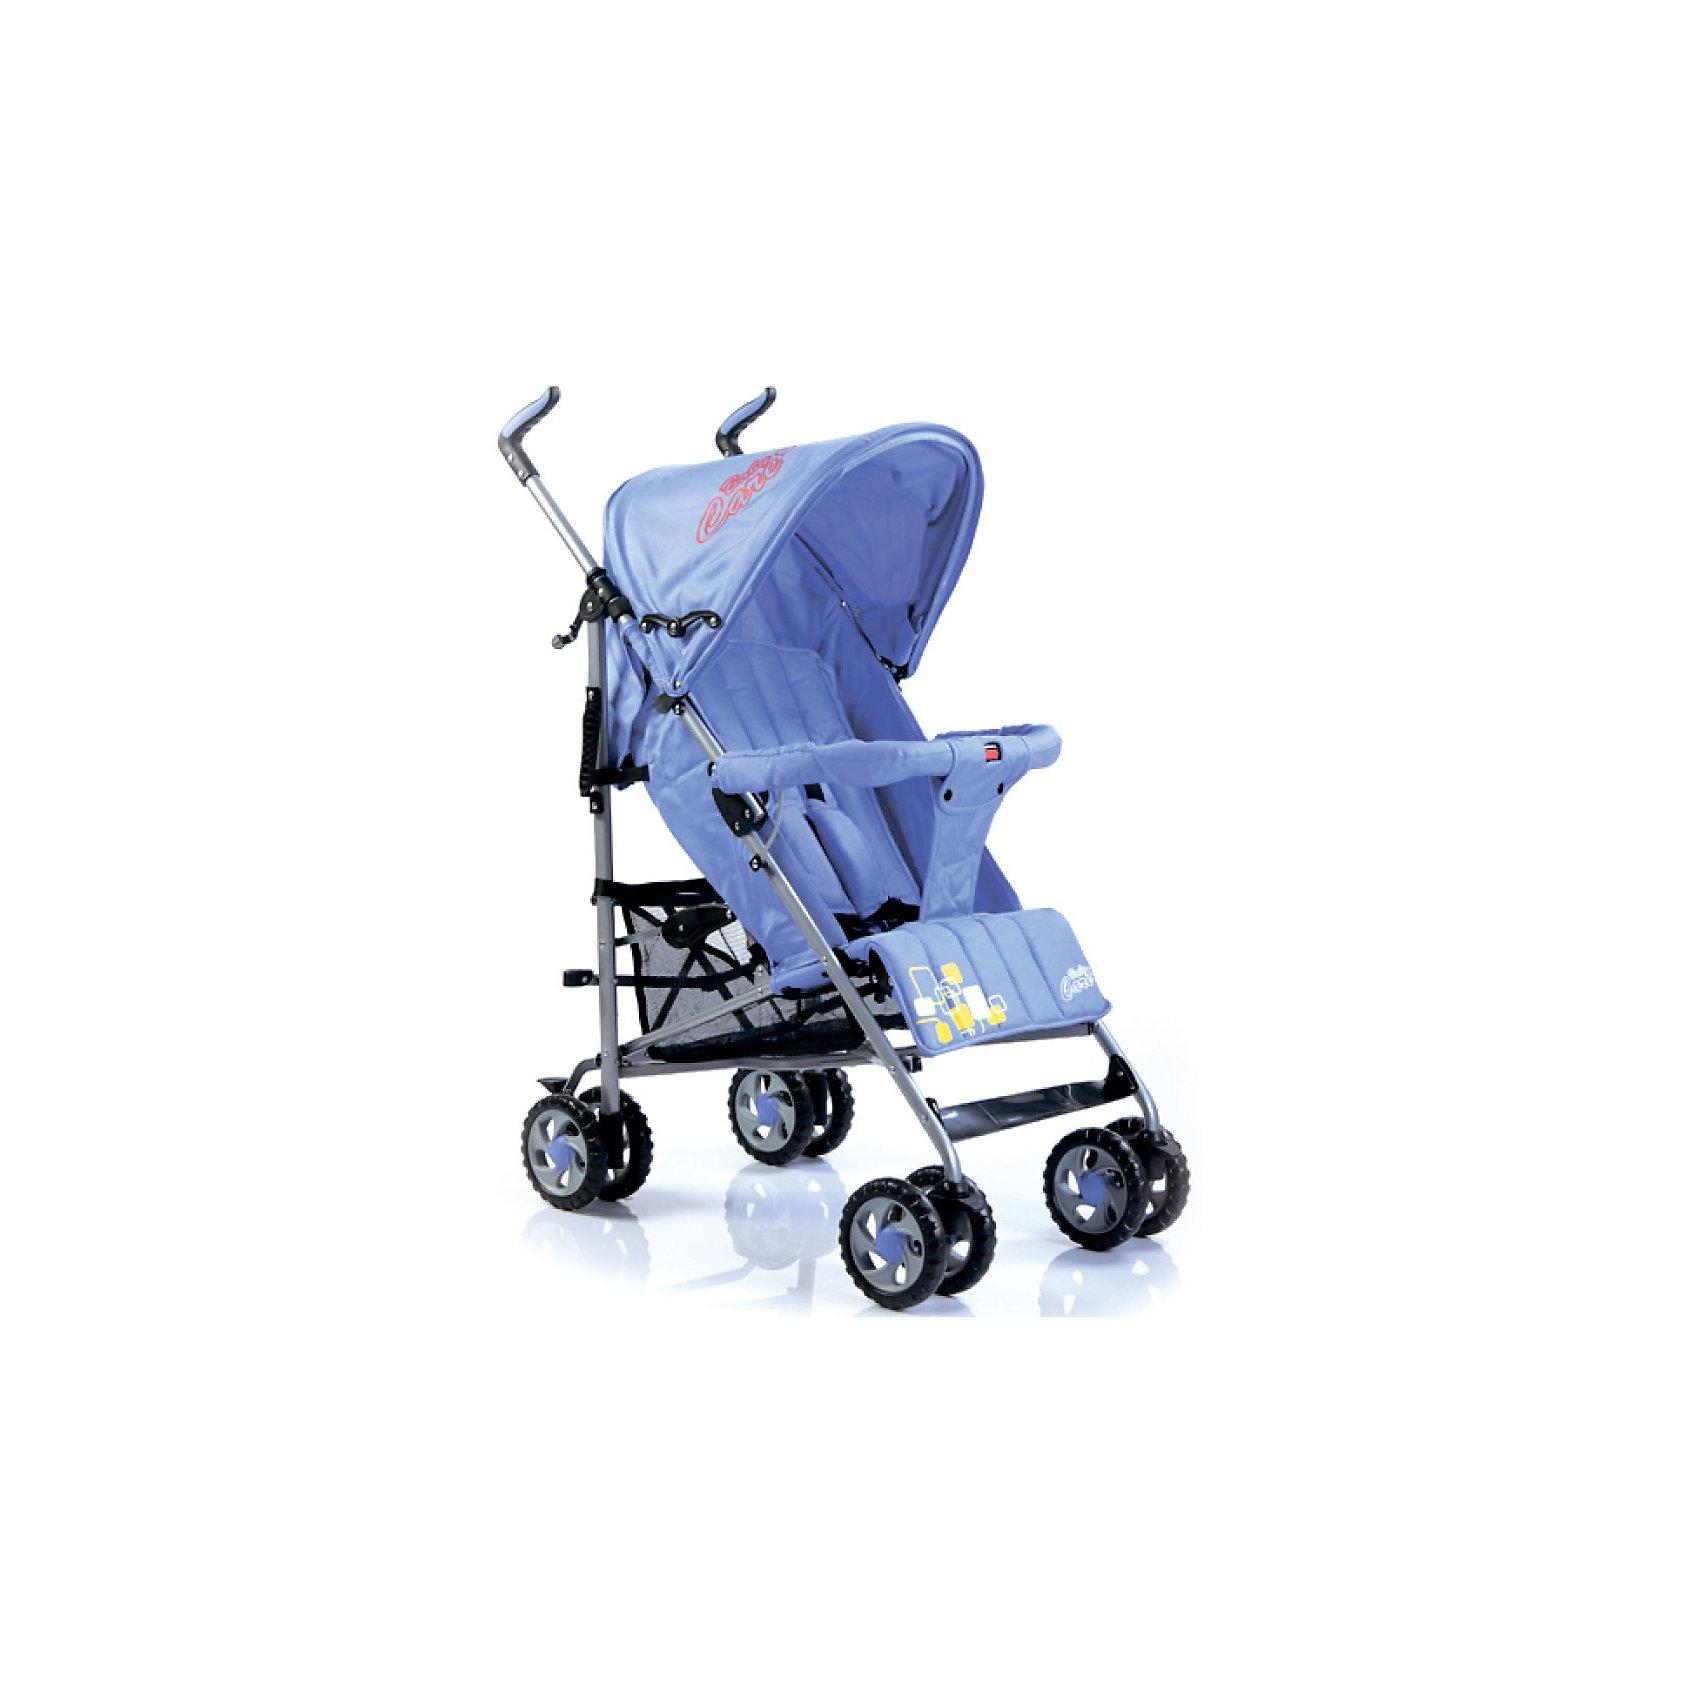 Коляска-трость CityStyle, Baby Care, фиолетовыйХарактеристики коляски-трости CityStyle Baby Care:<br><br>• спинка коляски регулируется плавно, несколько положений;<br>• имеются 5-ти точечные ремни безопасности;<br>• имеется бампер и мягкий разделитель для ножек;<br>• капюшон оснащен солнцезащитным козырьком;<br>• чехлы прогулочного блока съемные, стираются при температуре 30 градусов.<br><br>Характеристики шасси коляски CityStyle Baby Care:<br><br>• тип складывания: трость;<br>• материал рамы: алюминий;<br>• сдвоенные колеса, передние поворотные;<br>• фиксатор от раскладывания, механический крючок;<br>• сетчатая корзина для покупок;<br>• стояночный ножной тормоз.<br><br>Размеры коляски:<br><br>• размер в разложенном виде: 50х68х105 см;<br>• вес коляски: 6,2 кг;<br>• ширина сиденья: 34 см;<br>• глубина сиденья: 32 см;<br>• длина спального места: 78 см;<br>• ширина колесной базы: 47 см;<br>• диаметр колес: 15 см;<br>• размер упаковки: 100,5х20х27 см;<br>• вес упаковки: 7,5 кг.<br><br>Коляска-трость предназначена для детей в возрасте от 7 месяцев до 3-х лет. Легкая и маневренная прогулочная коляска подходит для путешествий. Наклон спинки коляски плавно регулируется 5 положениях. Коляска оснащена страховочным бампером и ремнями безопасности. Глубокий капор защищает малыша от солнечных лучей и небольших осадков. <br><br>Коляску-трость CityStyle, Baby Care, фиолетовую можно купить в нашем интернет-магазине.<br><br>Ширина мм: 1070<br>Глубина мм: 350<br>Высота мм: 300<br>Вес г: 7400<br>Цвет: фиолетовый<br>Возраст от месяцев: 6<br>Возраст до месяцев: 48<br>Пол: Унисекс<br>Возраст: Детский<br>SKU: 3534870